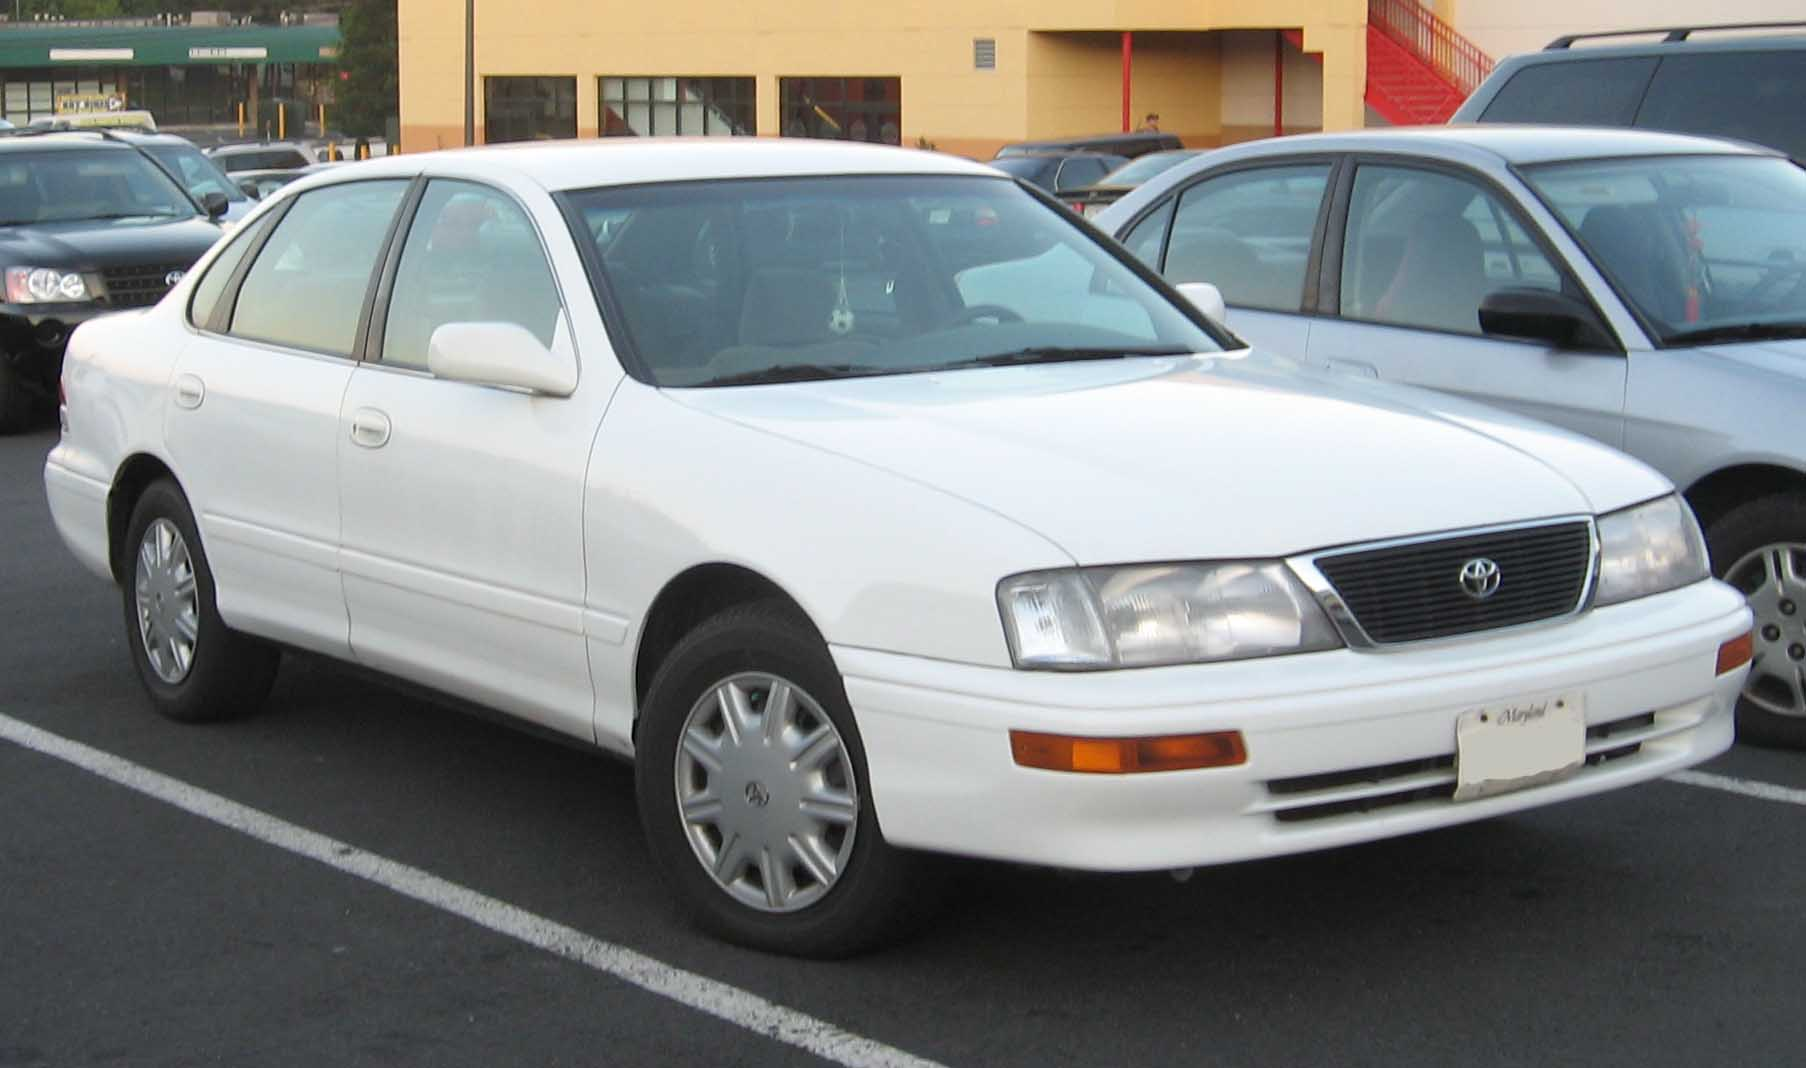 Kelebihan Kekurangan Toyota 95 Perbandingan Harga